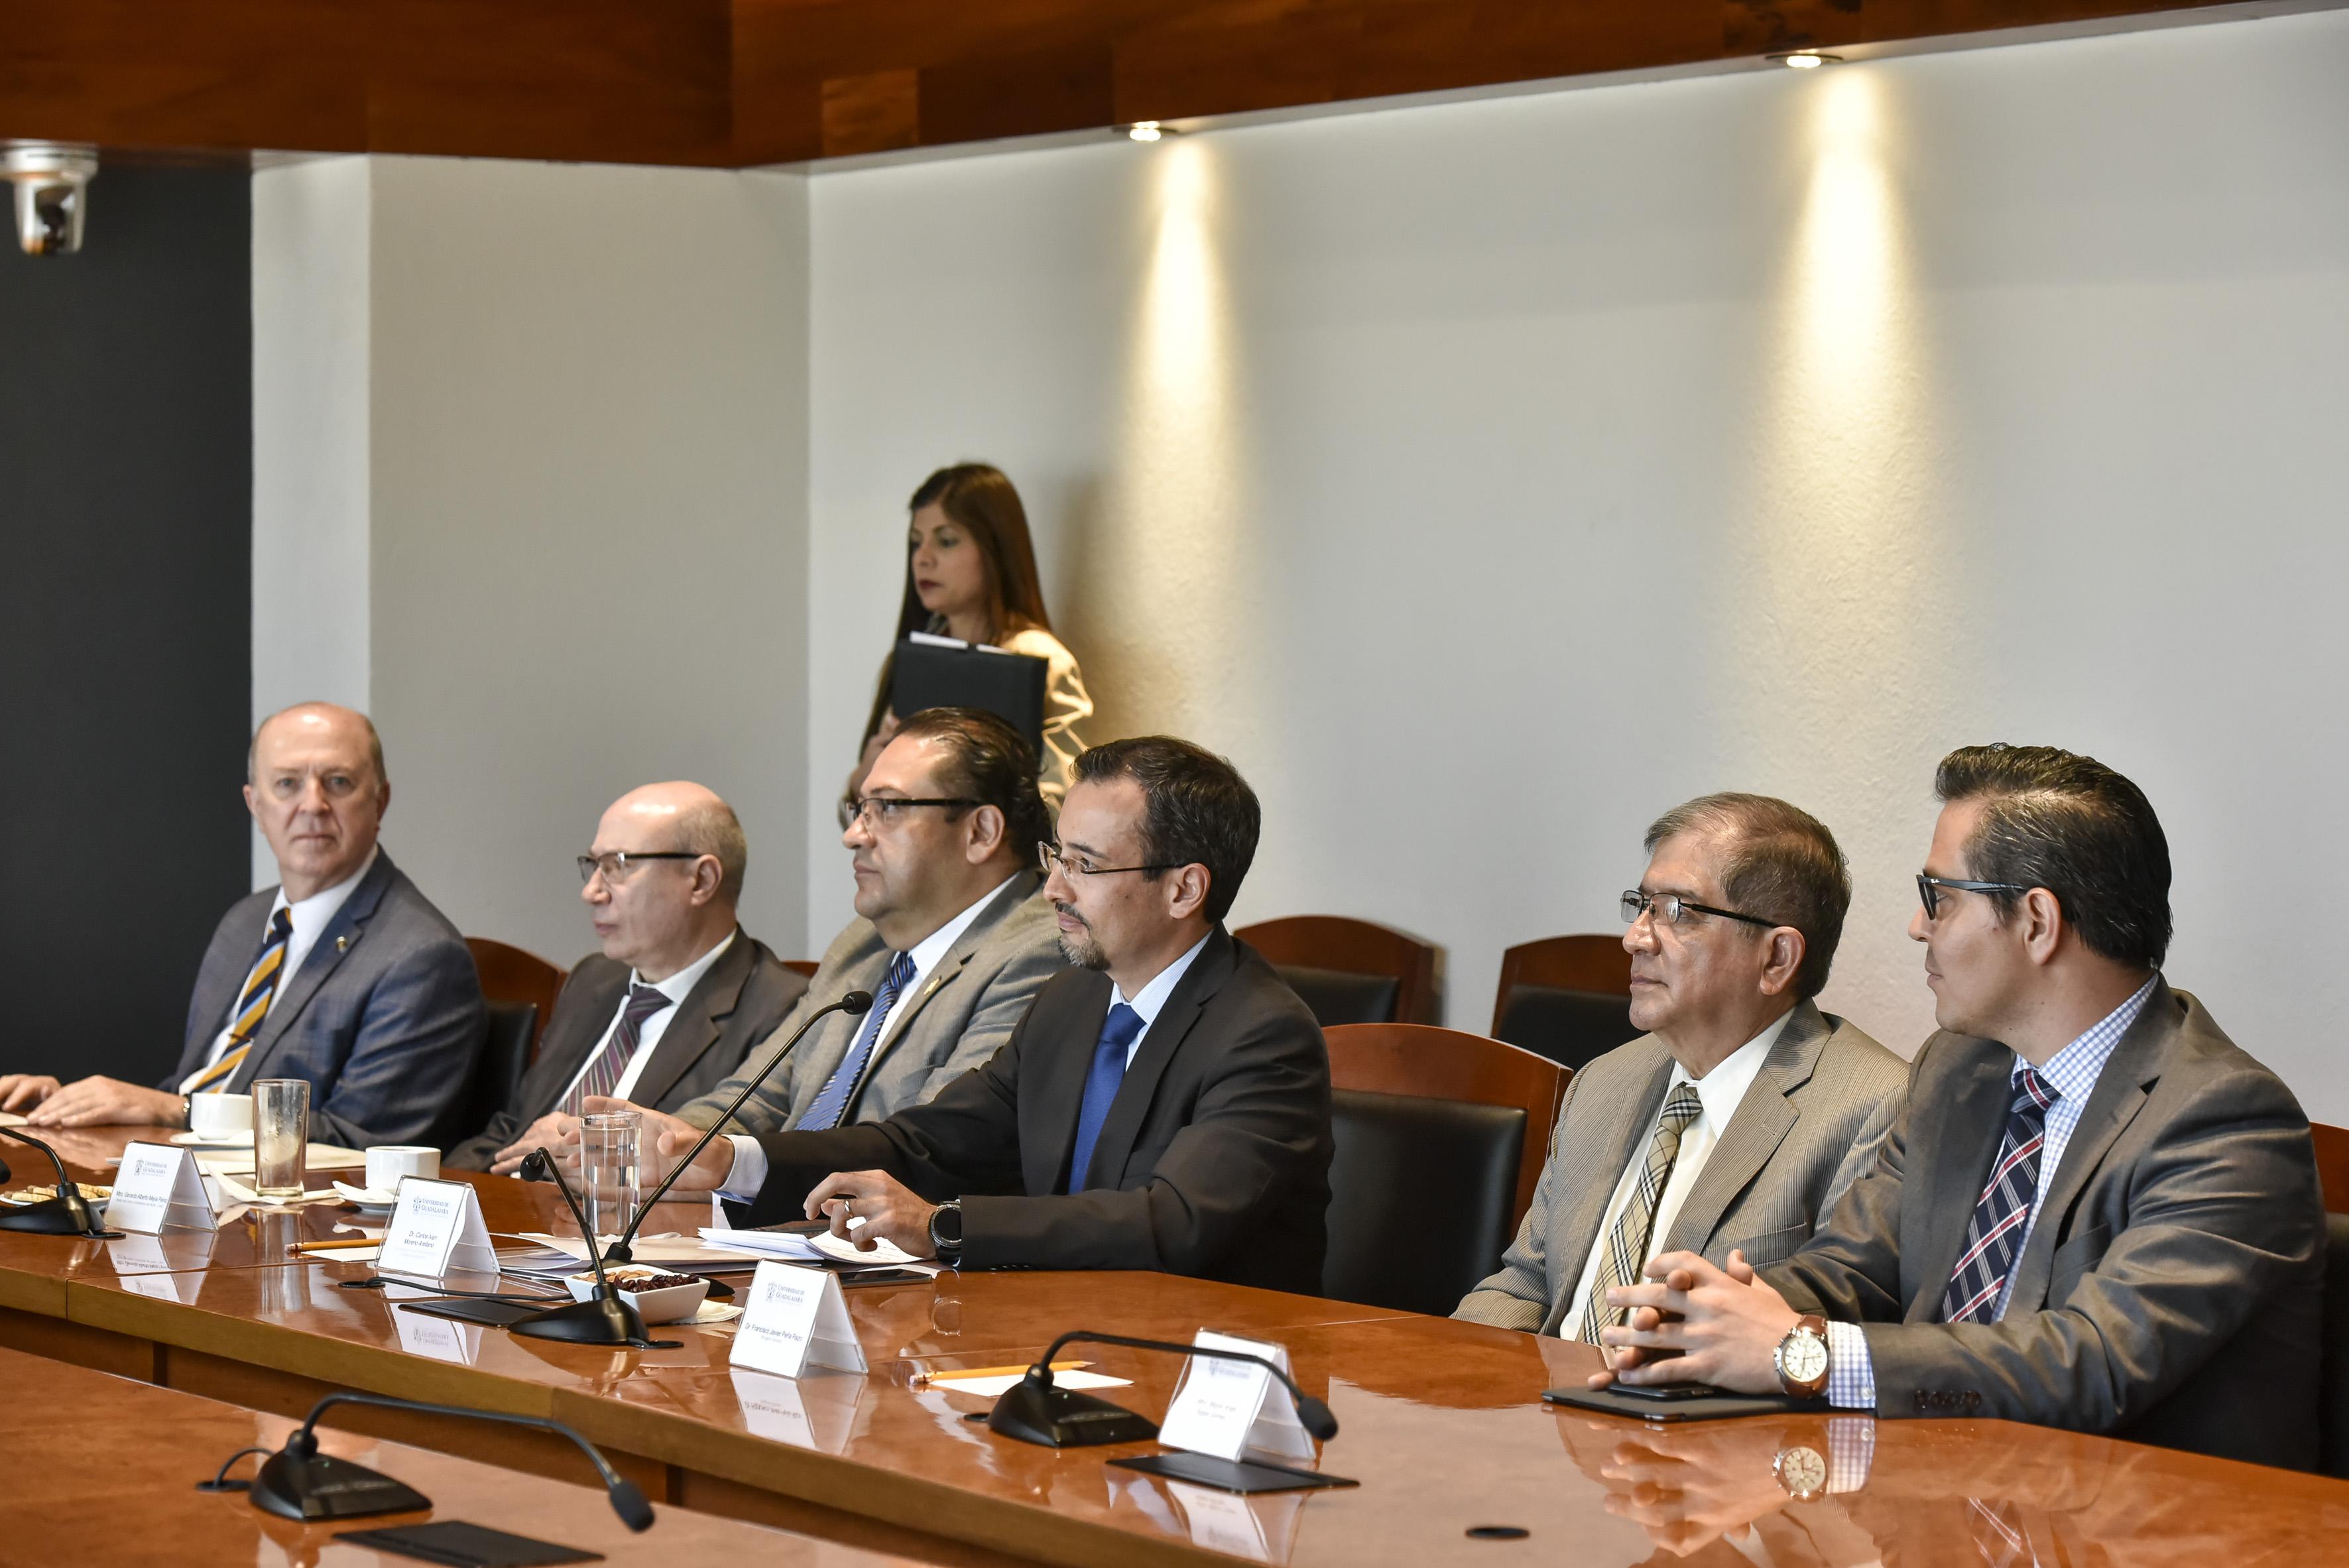 Carlos Iván Moreno Arellano junto con abogado y otras personas  en sala de conferencias